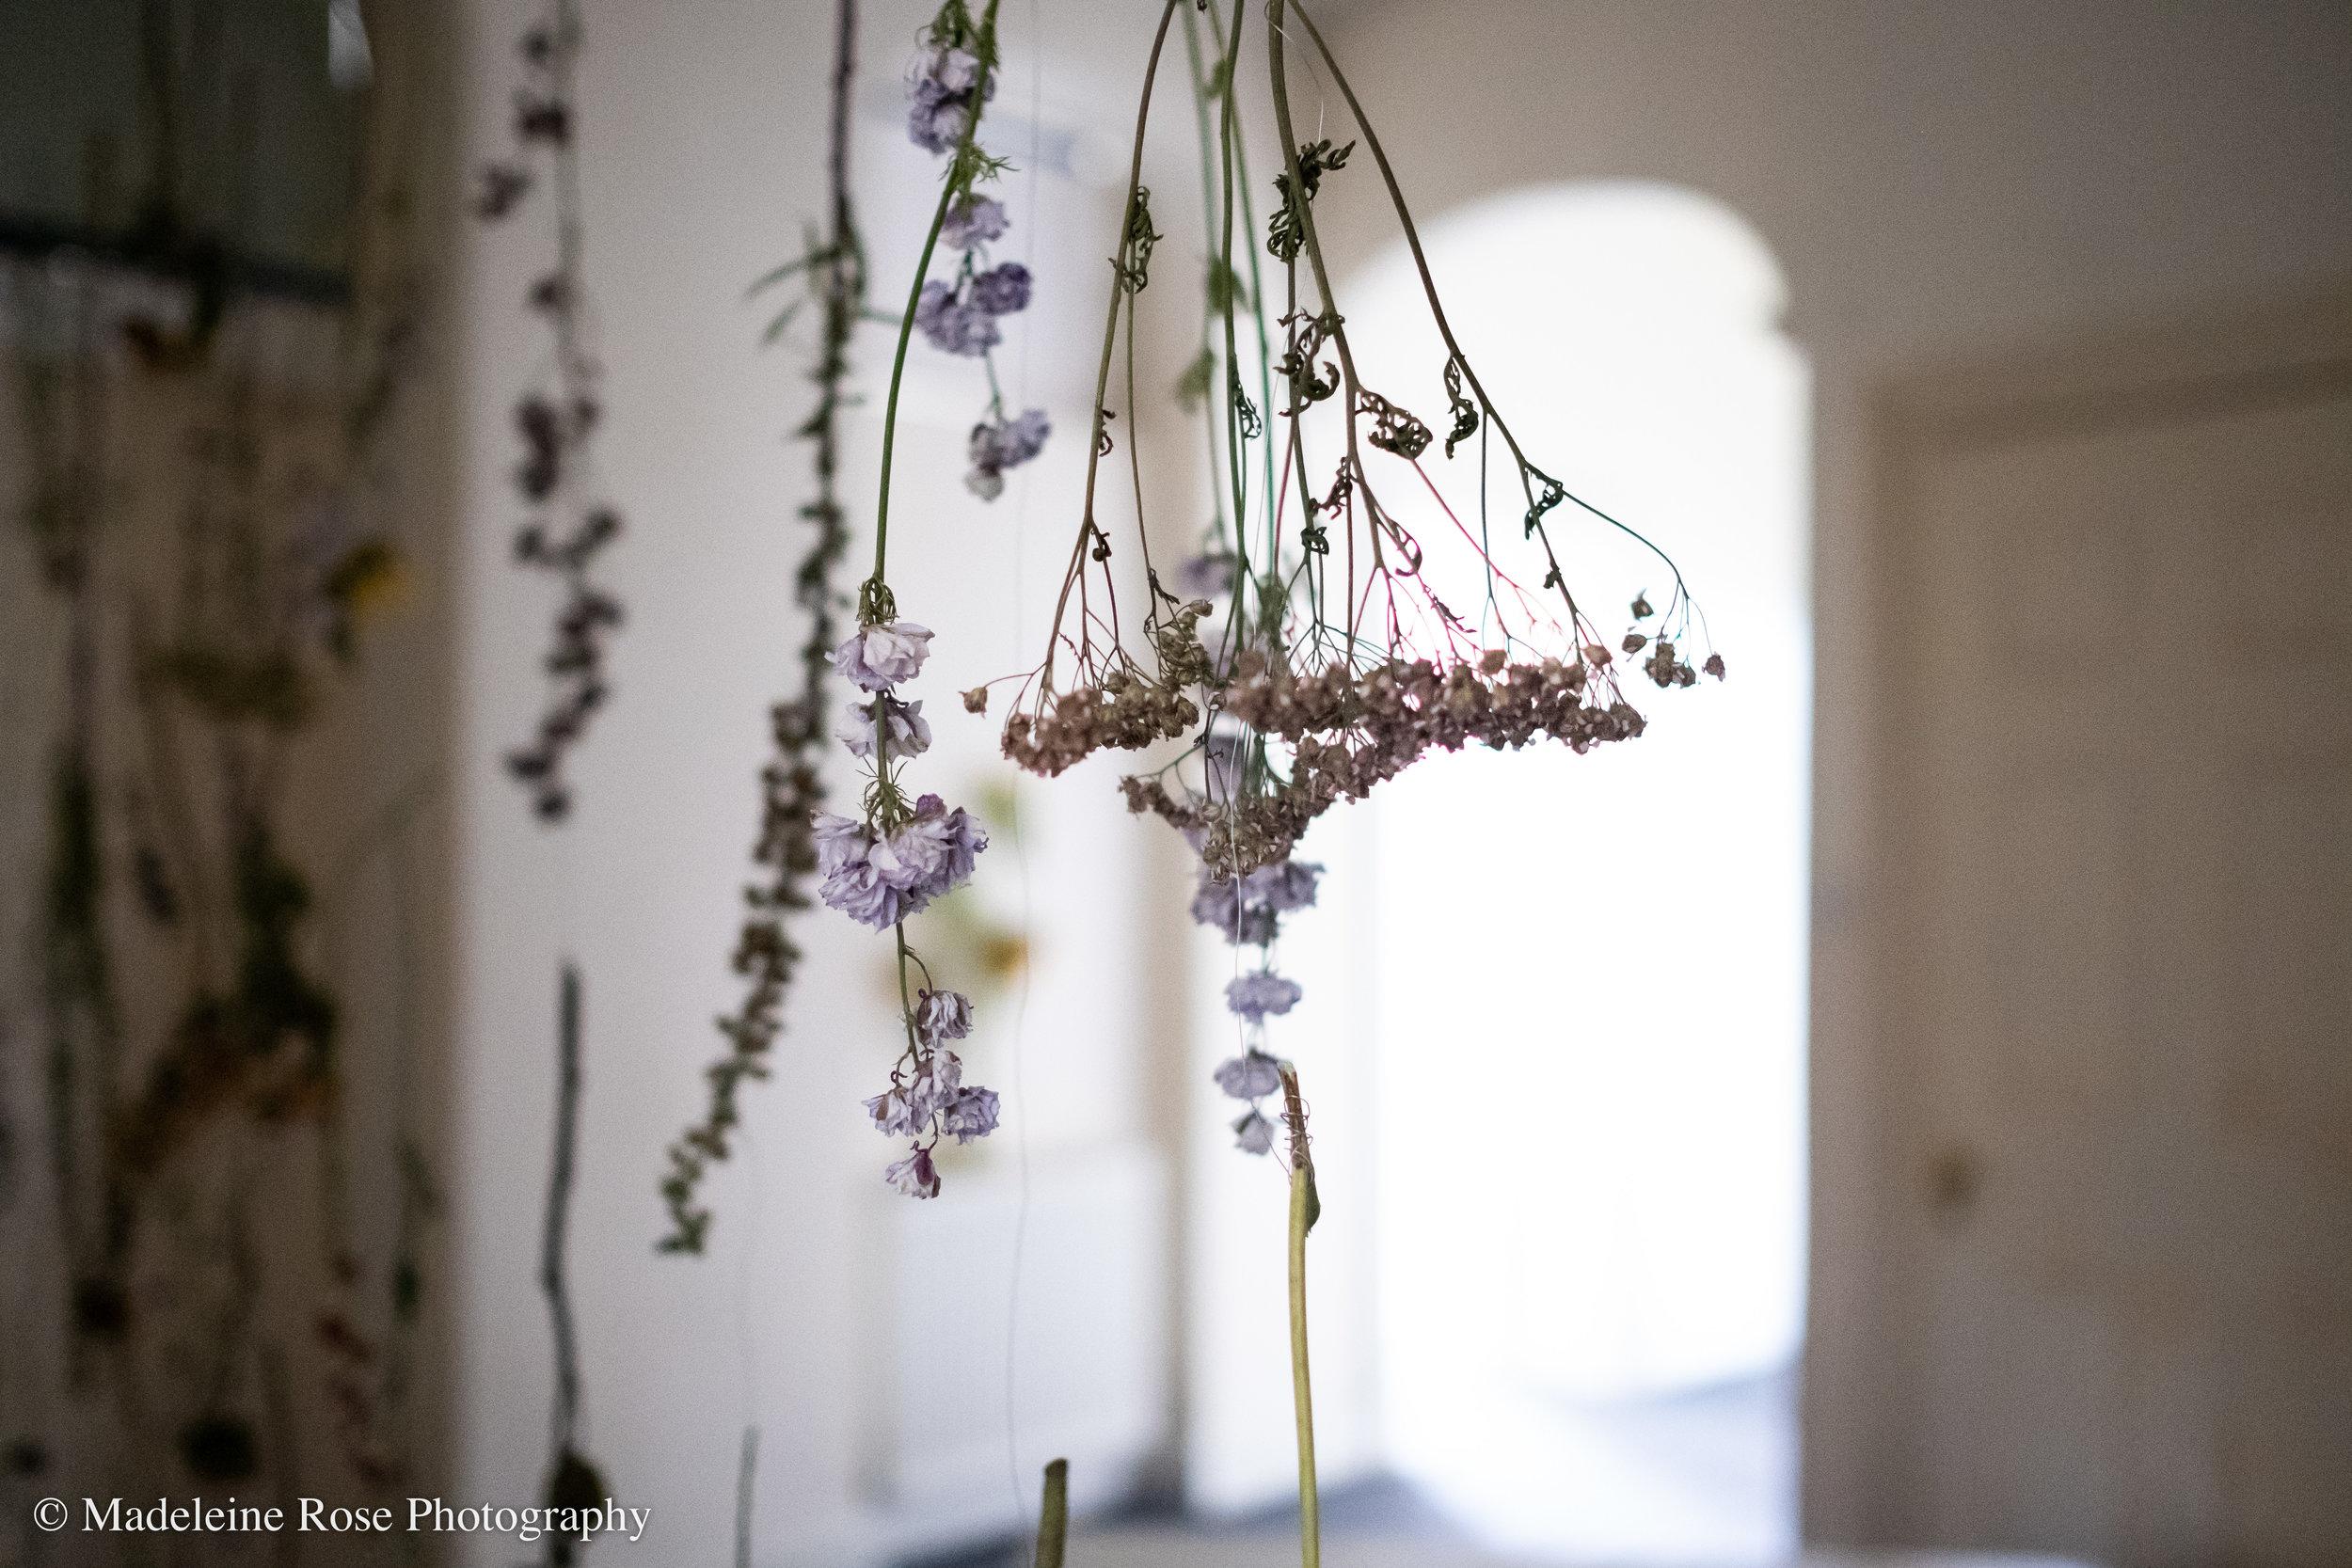 180811_EF_funeralflowers-3.jpg